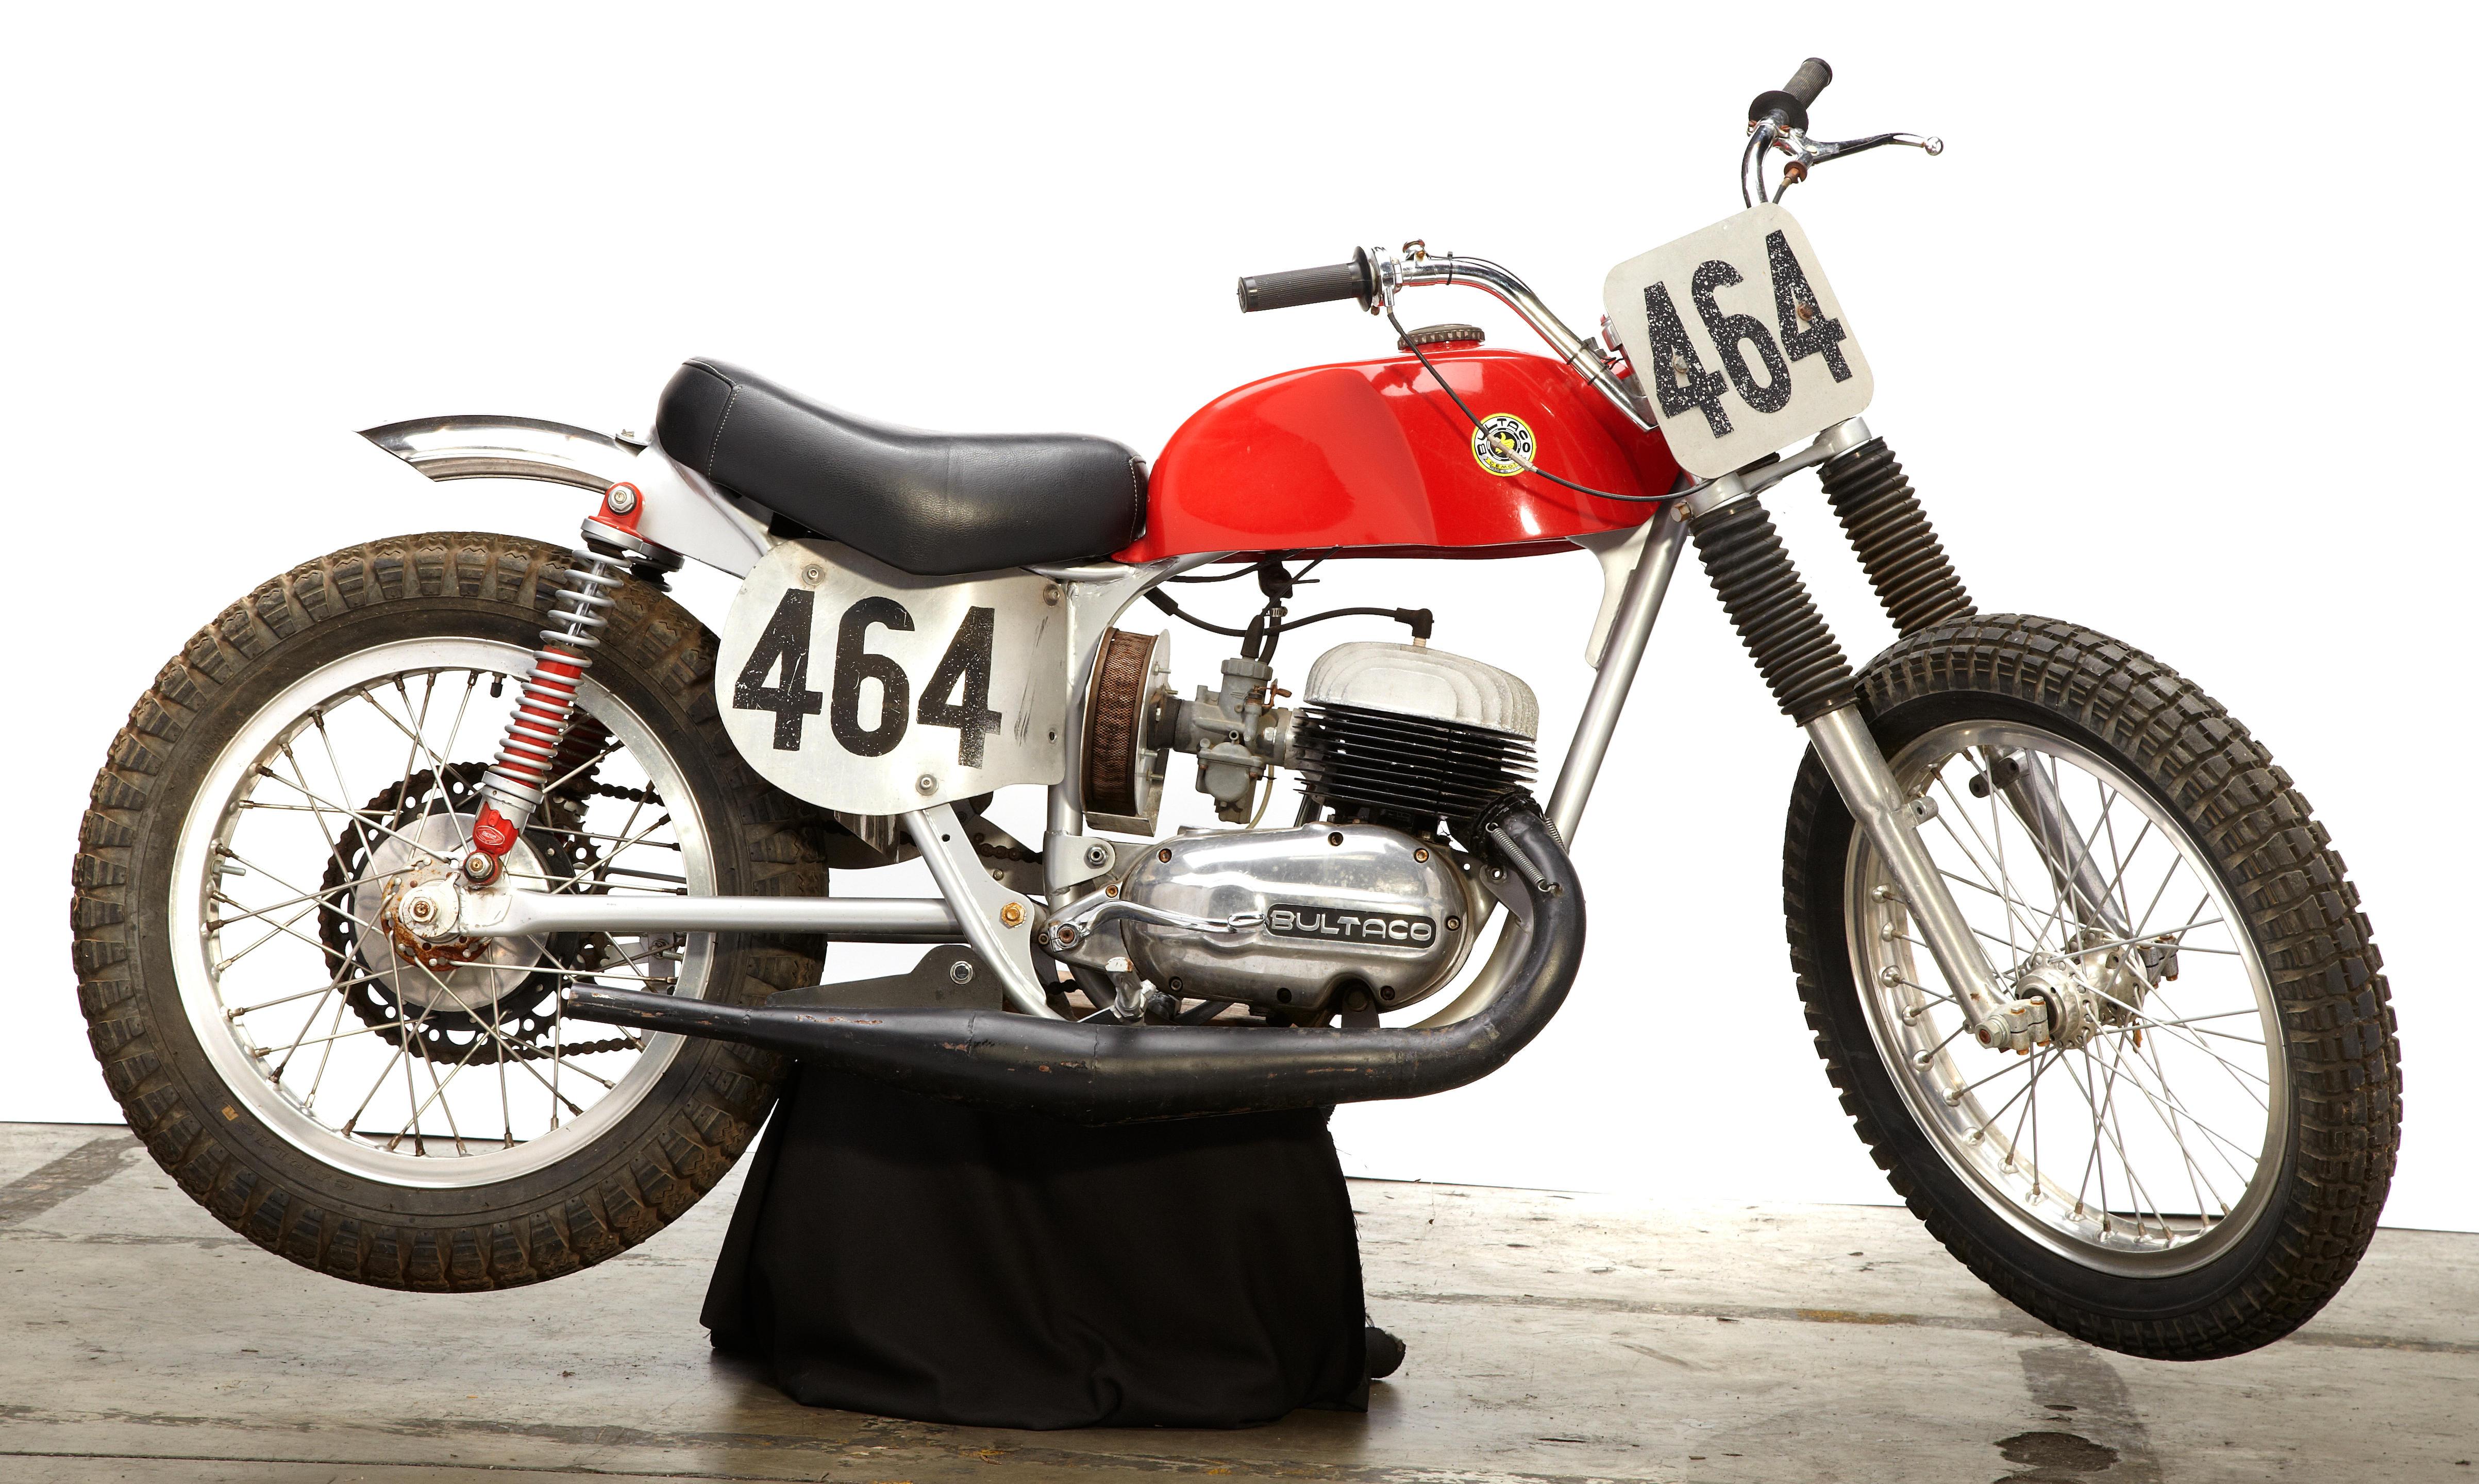 Auktion - The Las Vegas Motorcycle Auction am 10 01 2013